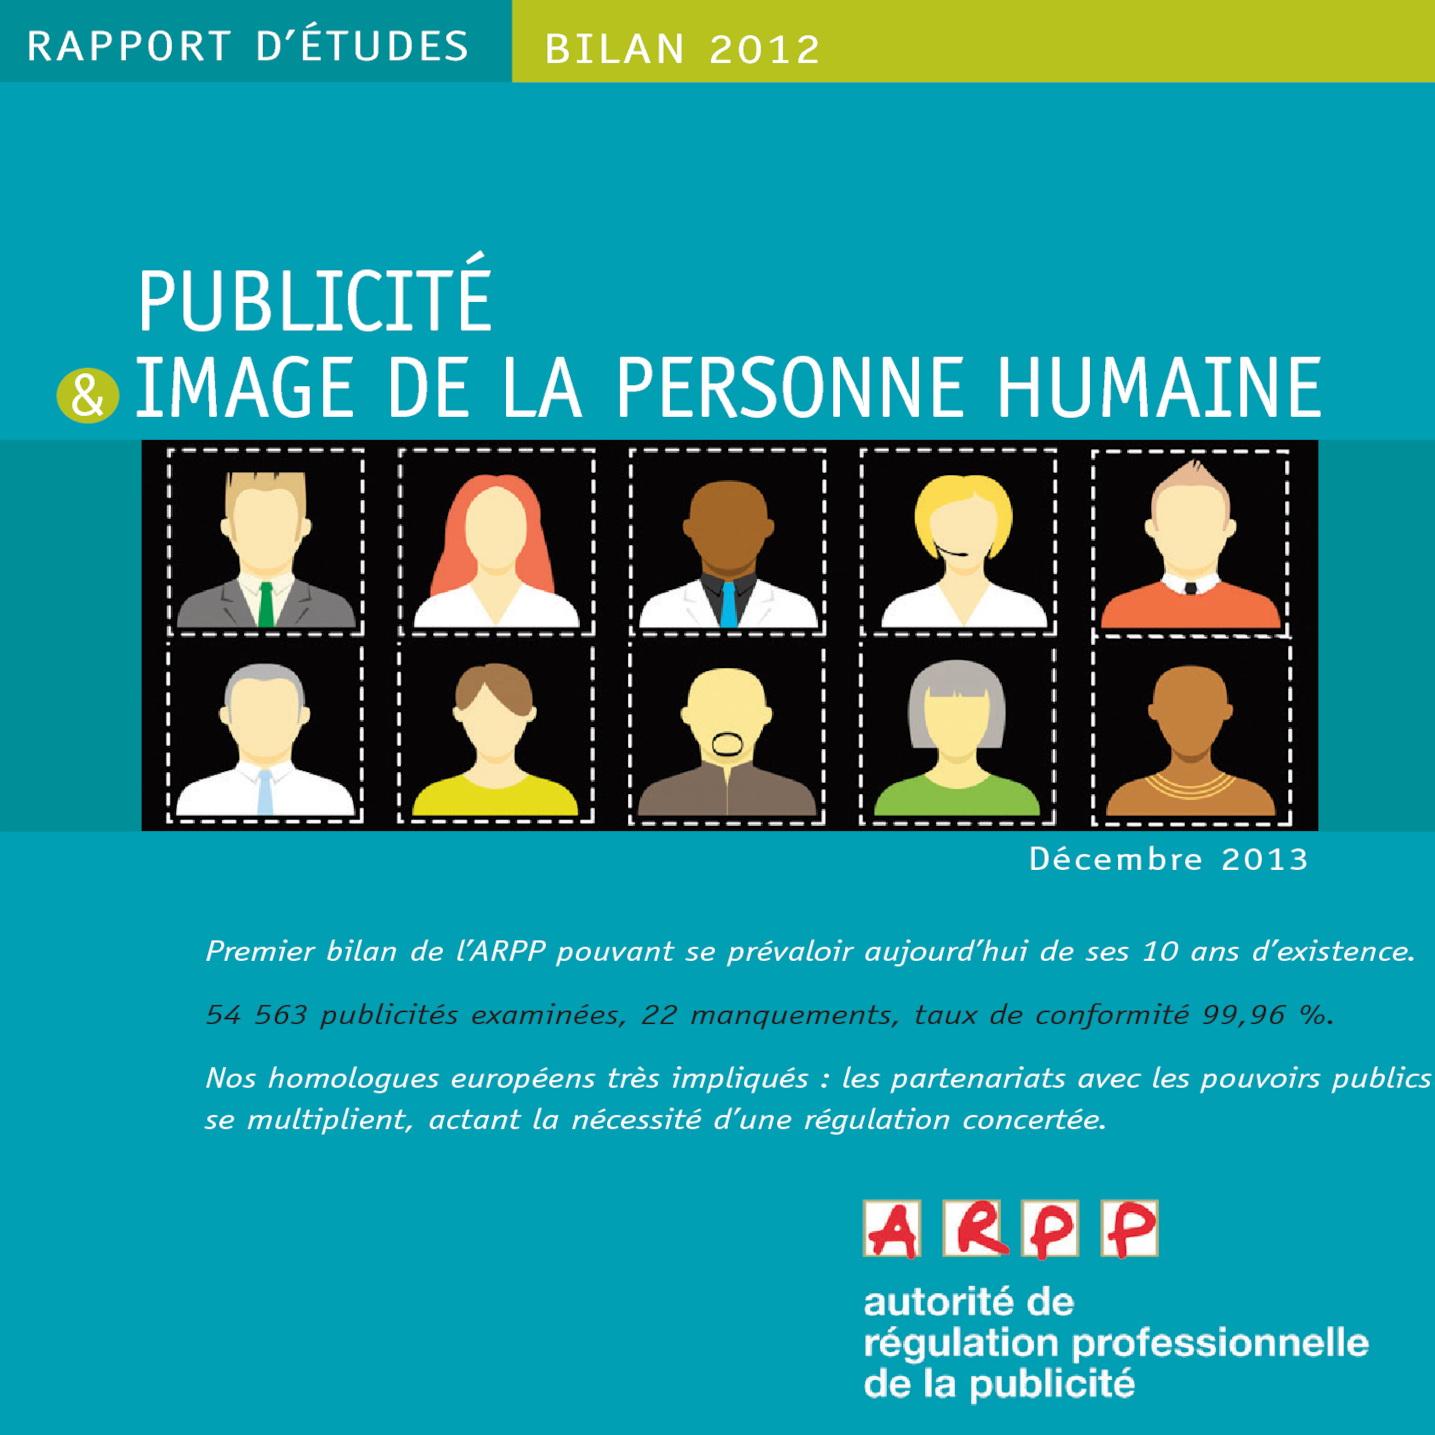 Bilan Publicité et Image de la Personne Humaine 2012